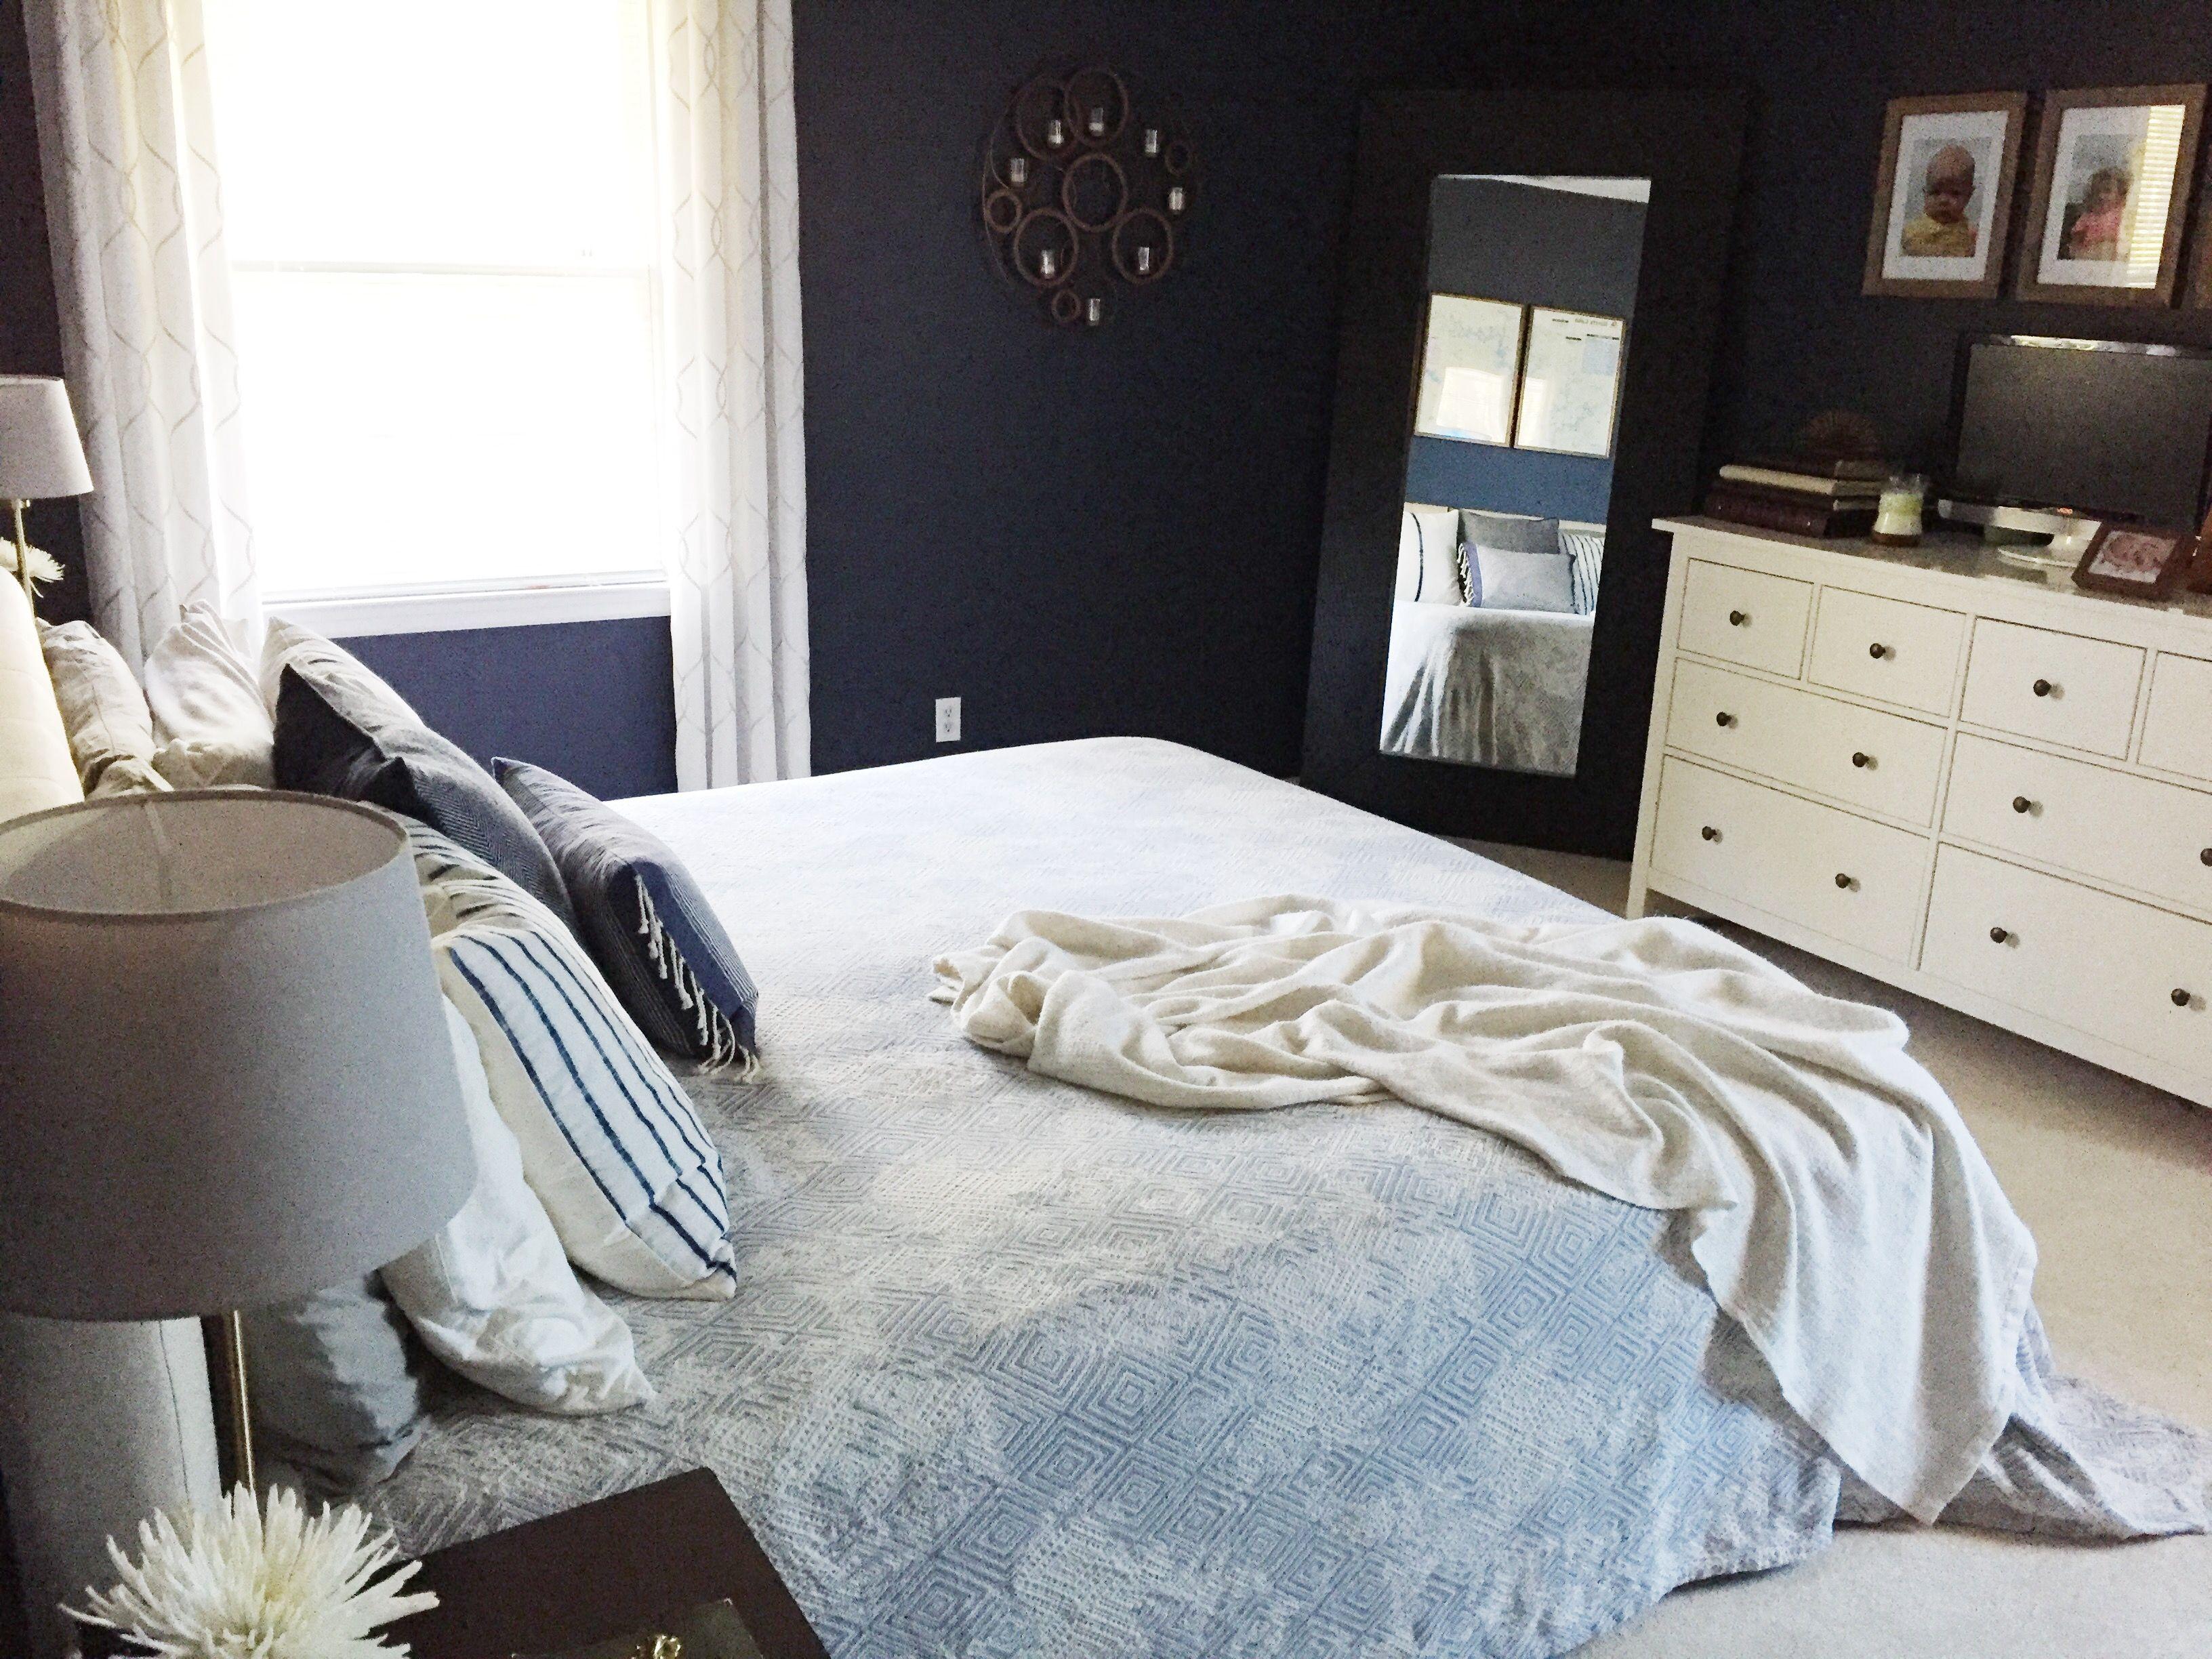 Beach Master Bedroom Hale Navy Ikea Hemnes Livingoncrust Master Bedroom Ikea Hemnes Bedroom Master bedroom ideas ikea